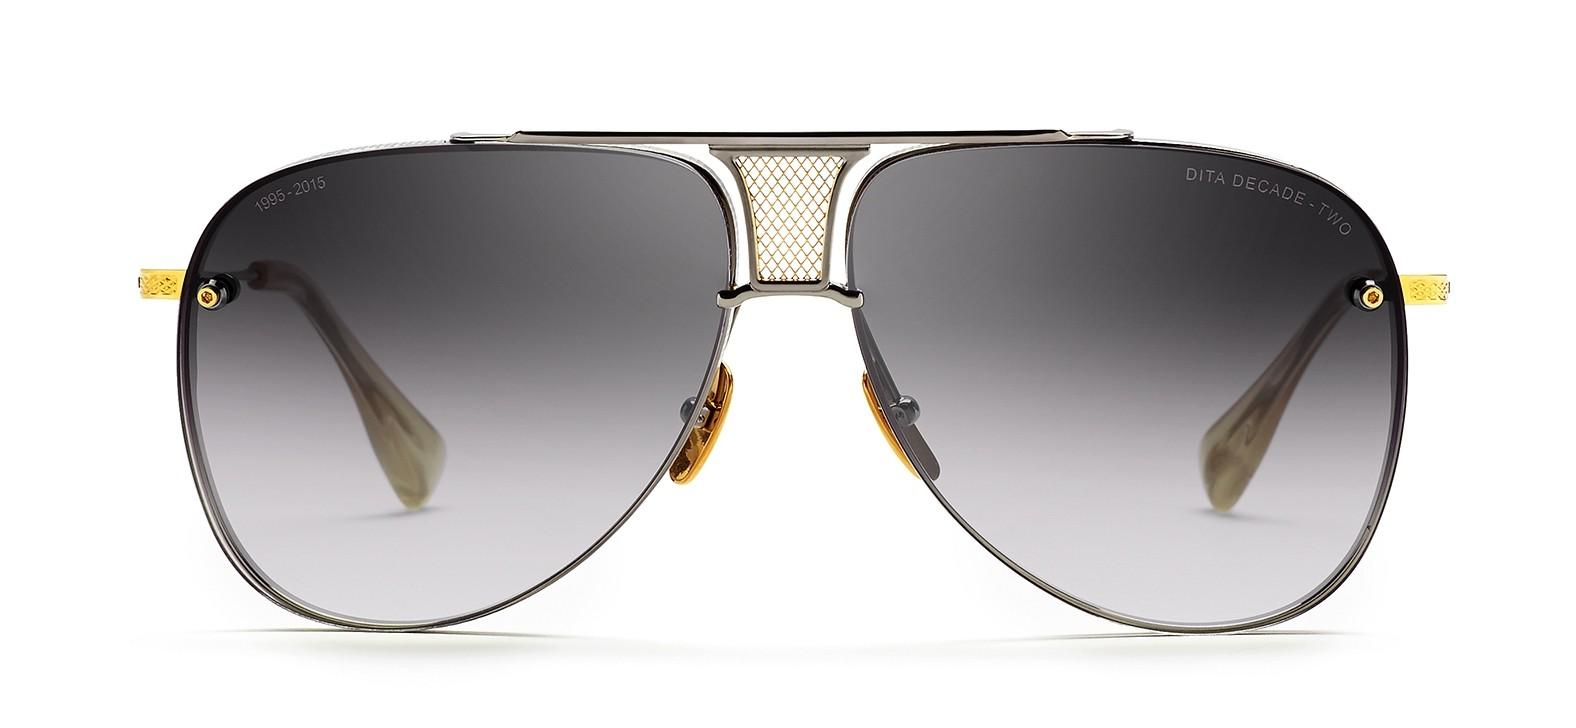 męskie okulary dita DECADE TWO DRX-2082